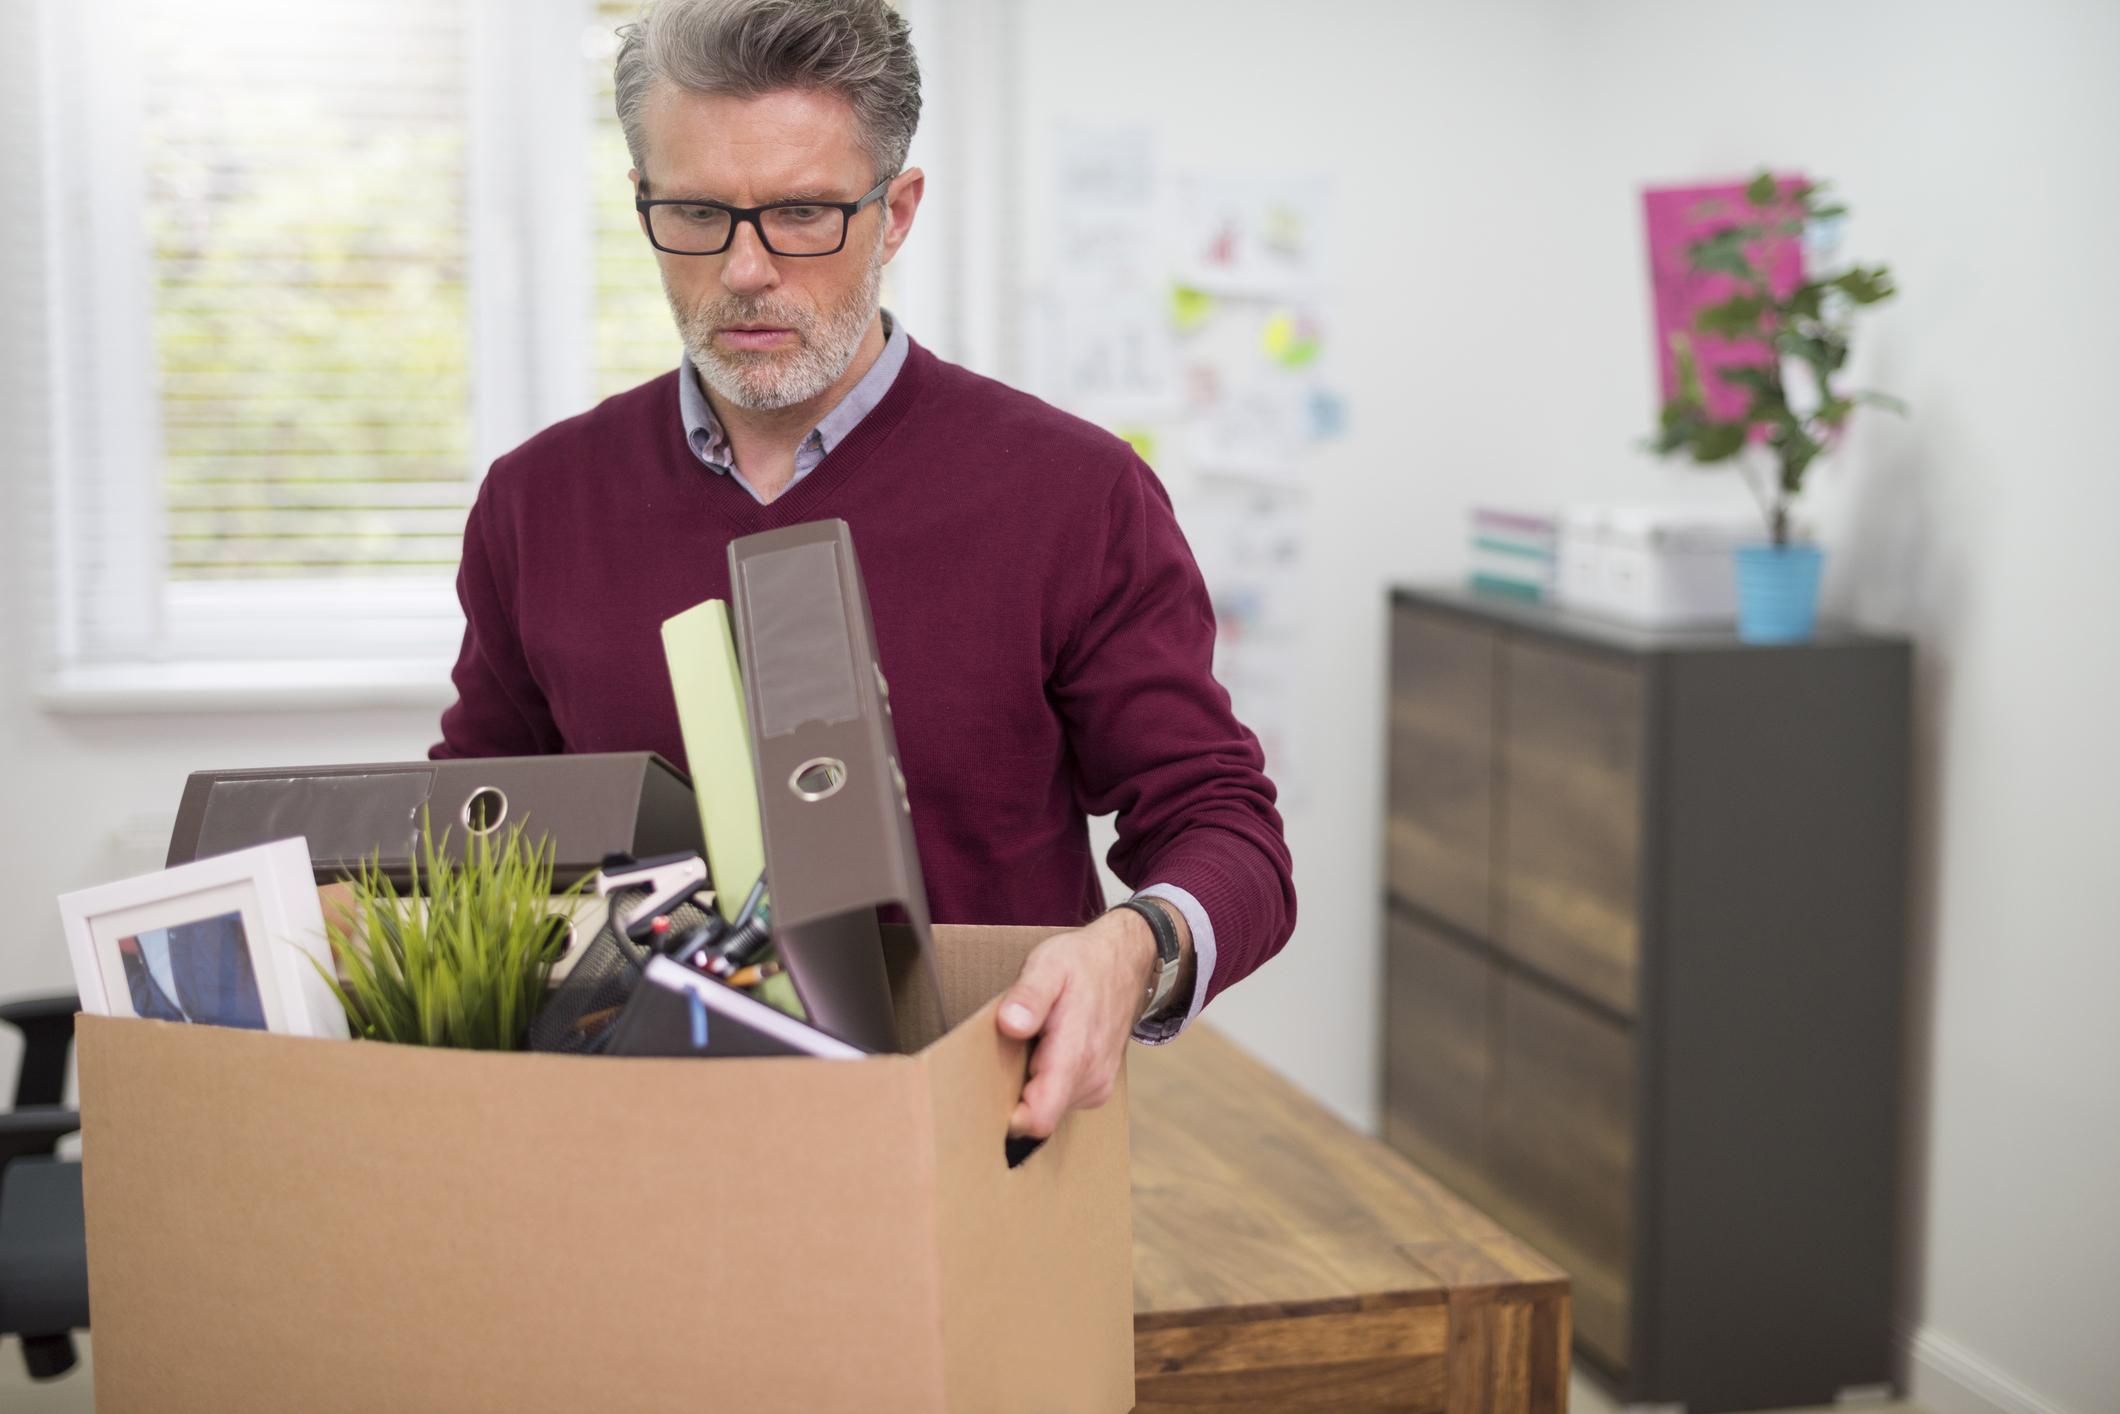 Older man packing up his desk